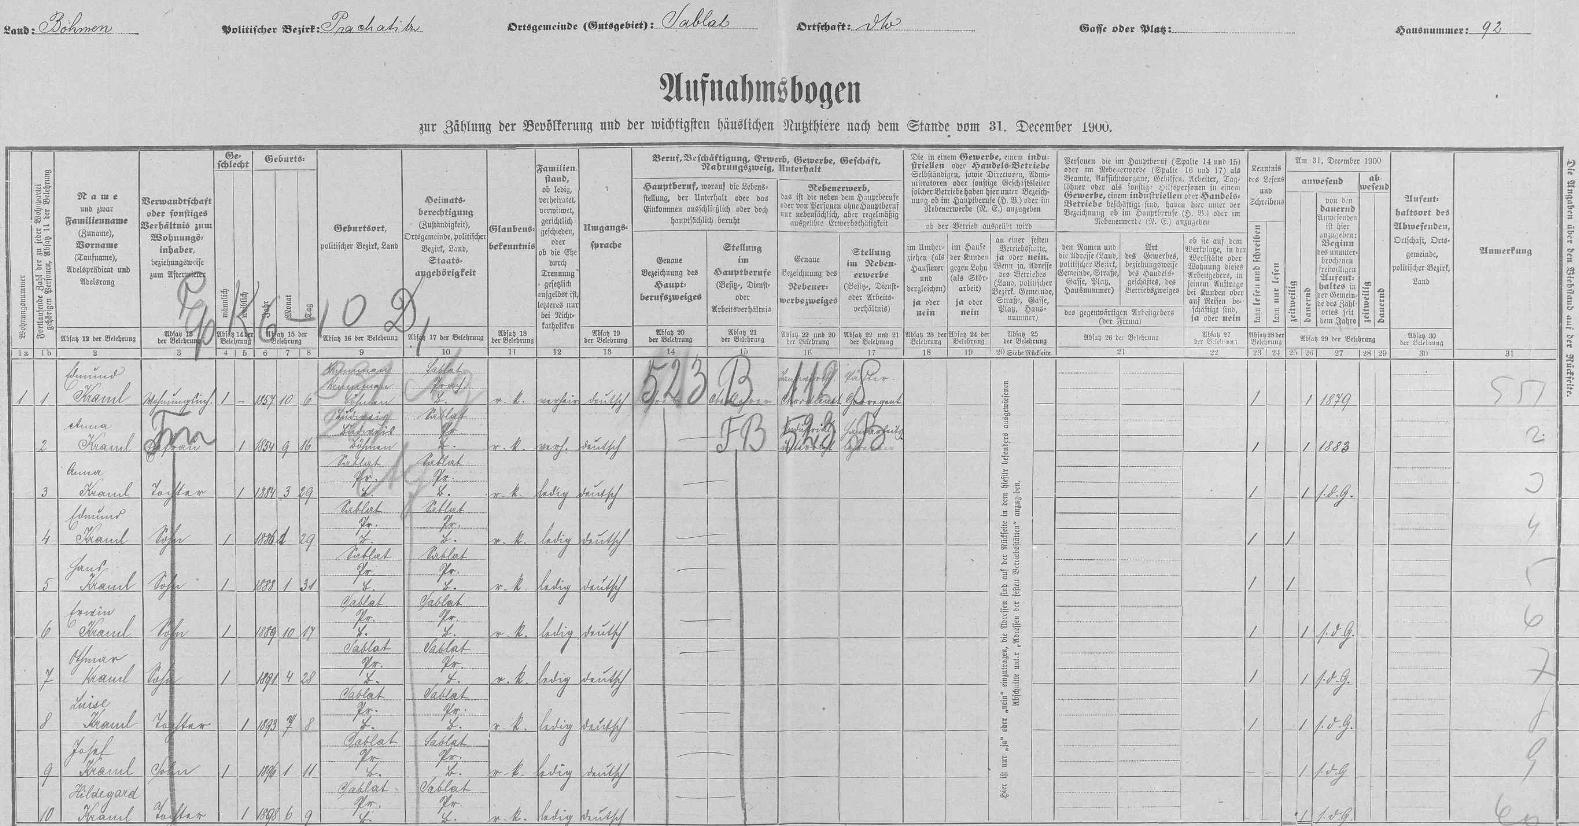 Početná rodina řídícího učitele Edmunda Kramla (*6. října 1857) a jeho ženy Anny (*16. září 1854) je tu i s jejich synem Othmarem a se sedmi ostatními ratolestmi zachycena na archu sčítání lidu z roku 1900 pro dům čp. 92 vZáblatí, v němž sídlila obecná škola